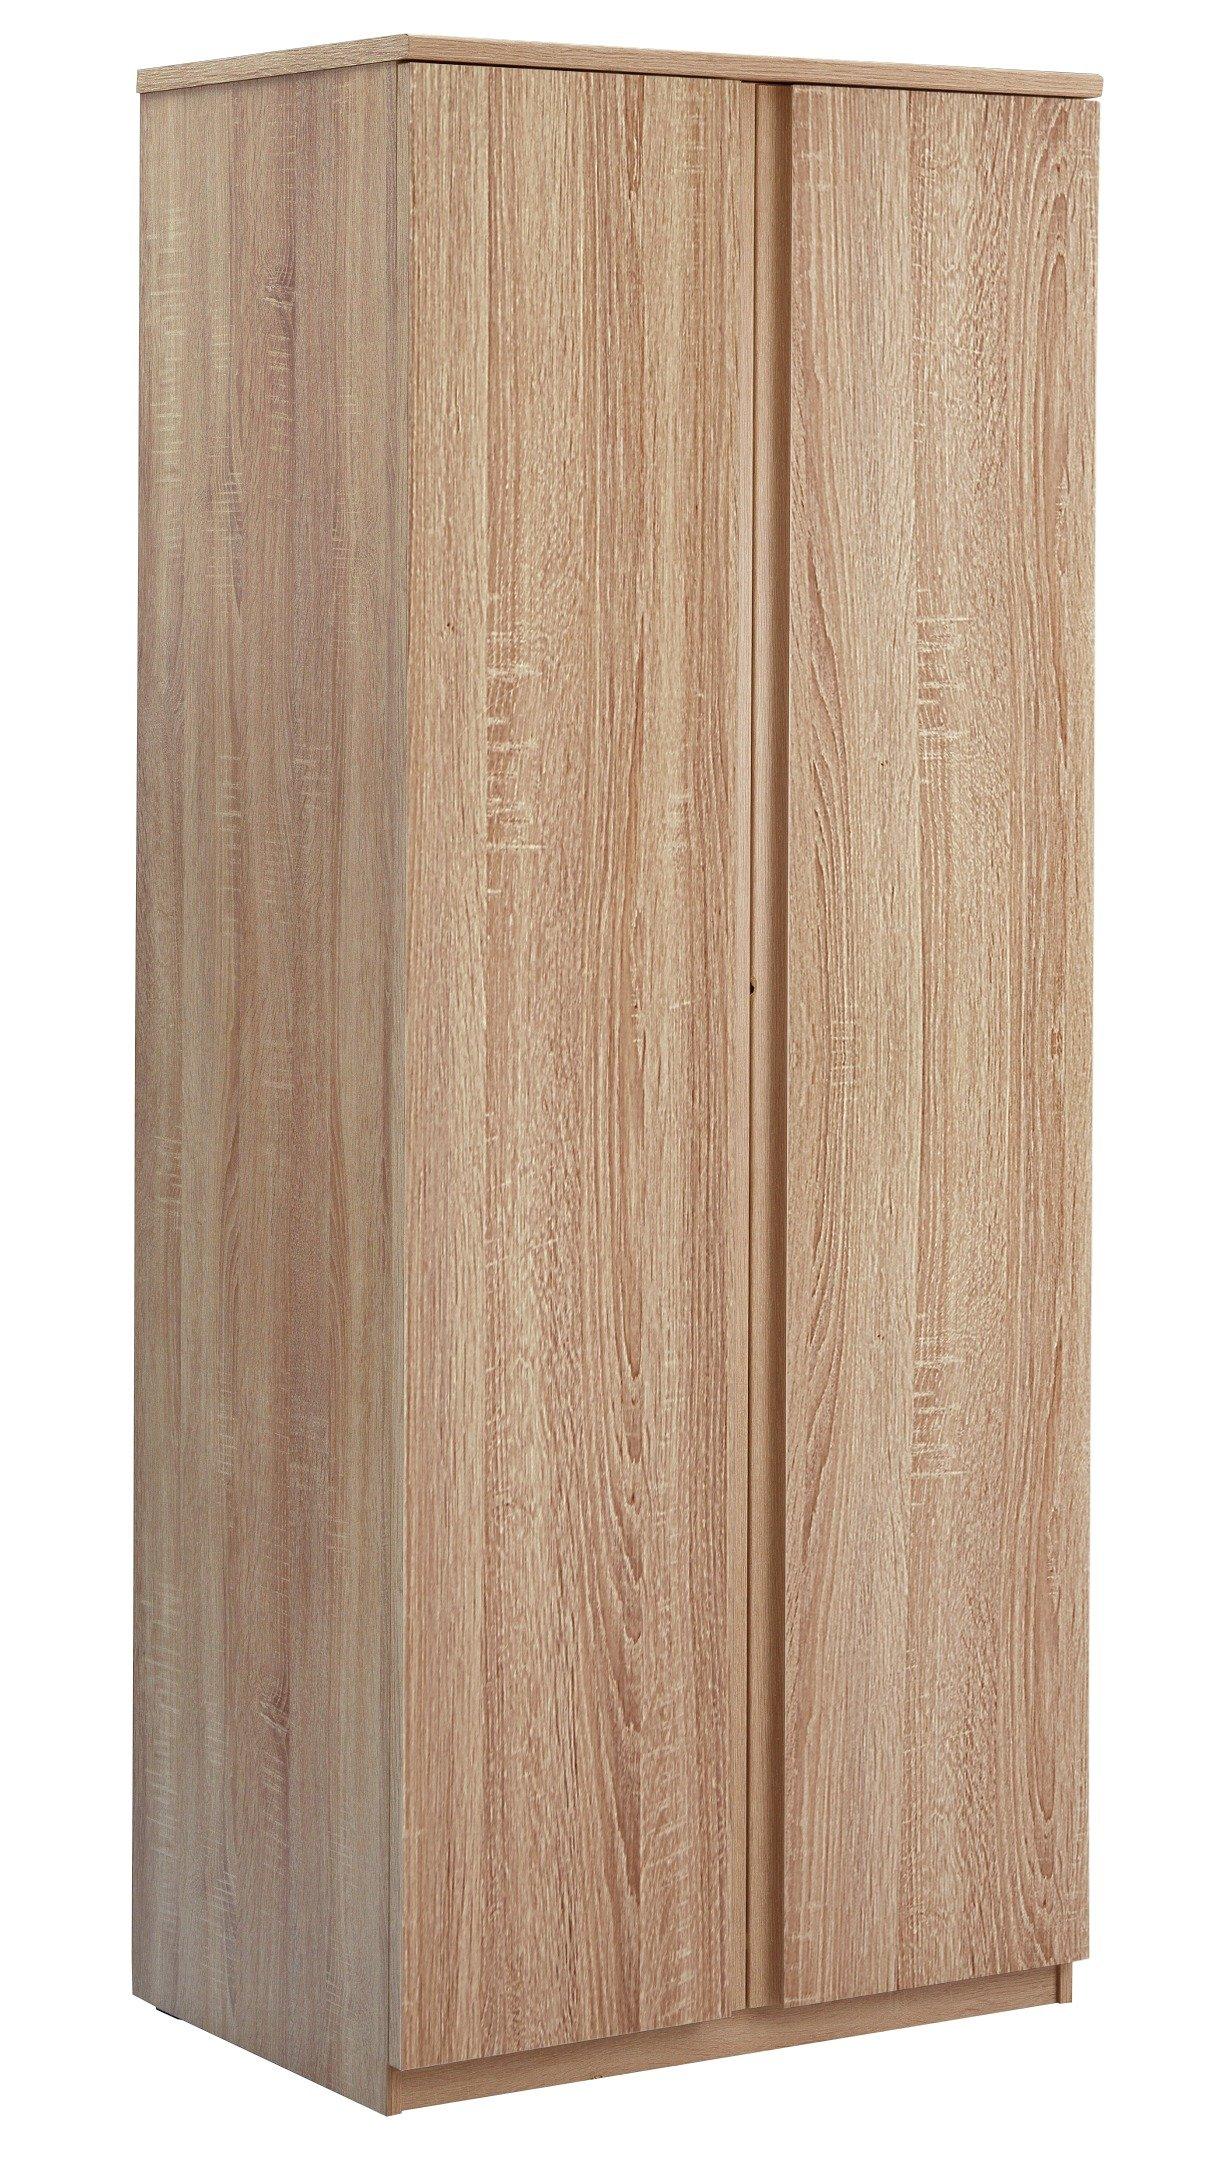 Image of Avenue 2 Door Wardrobe - Brown Oak Effect